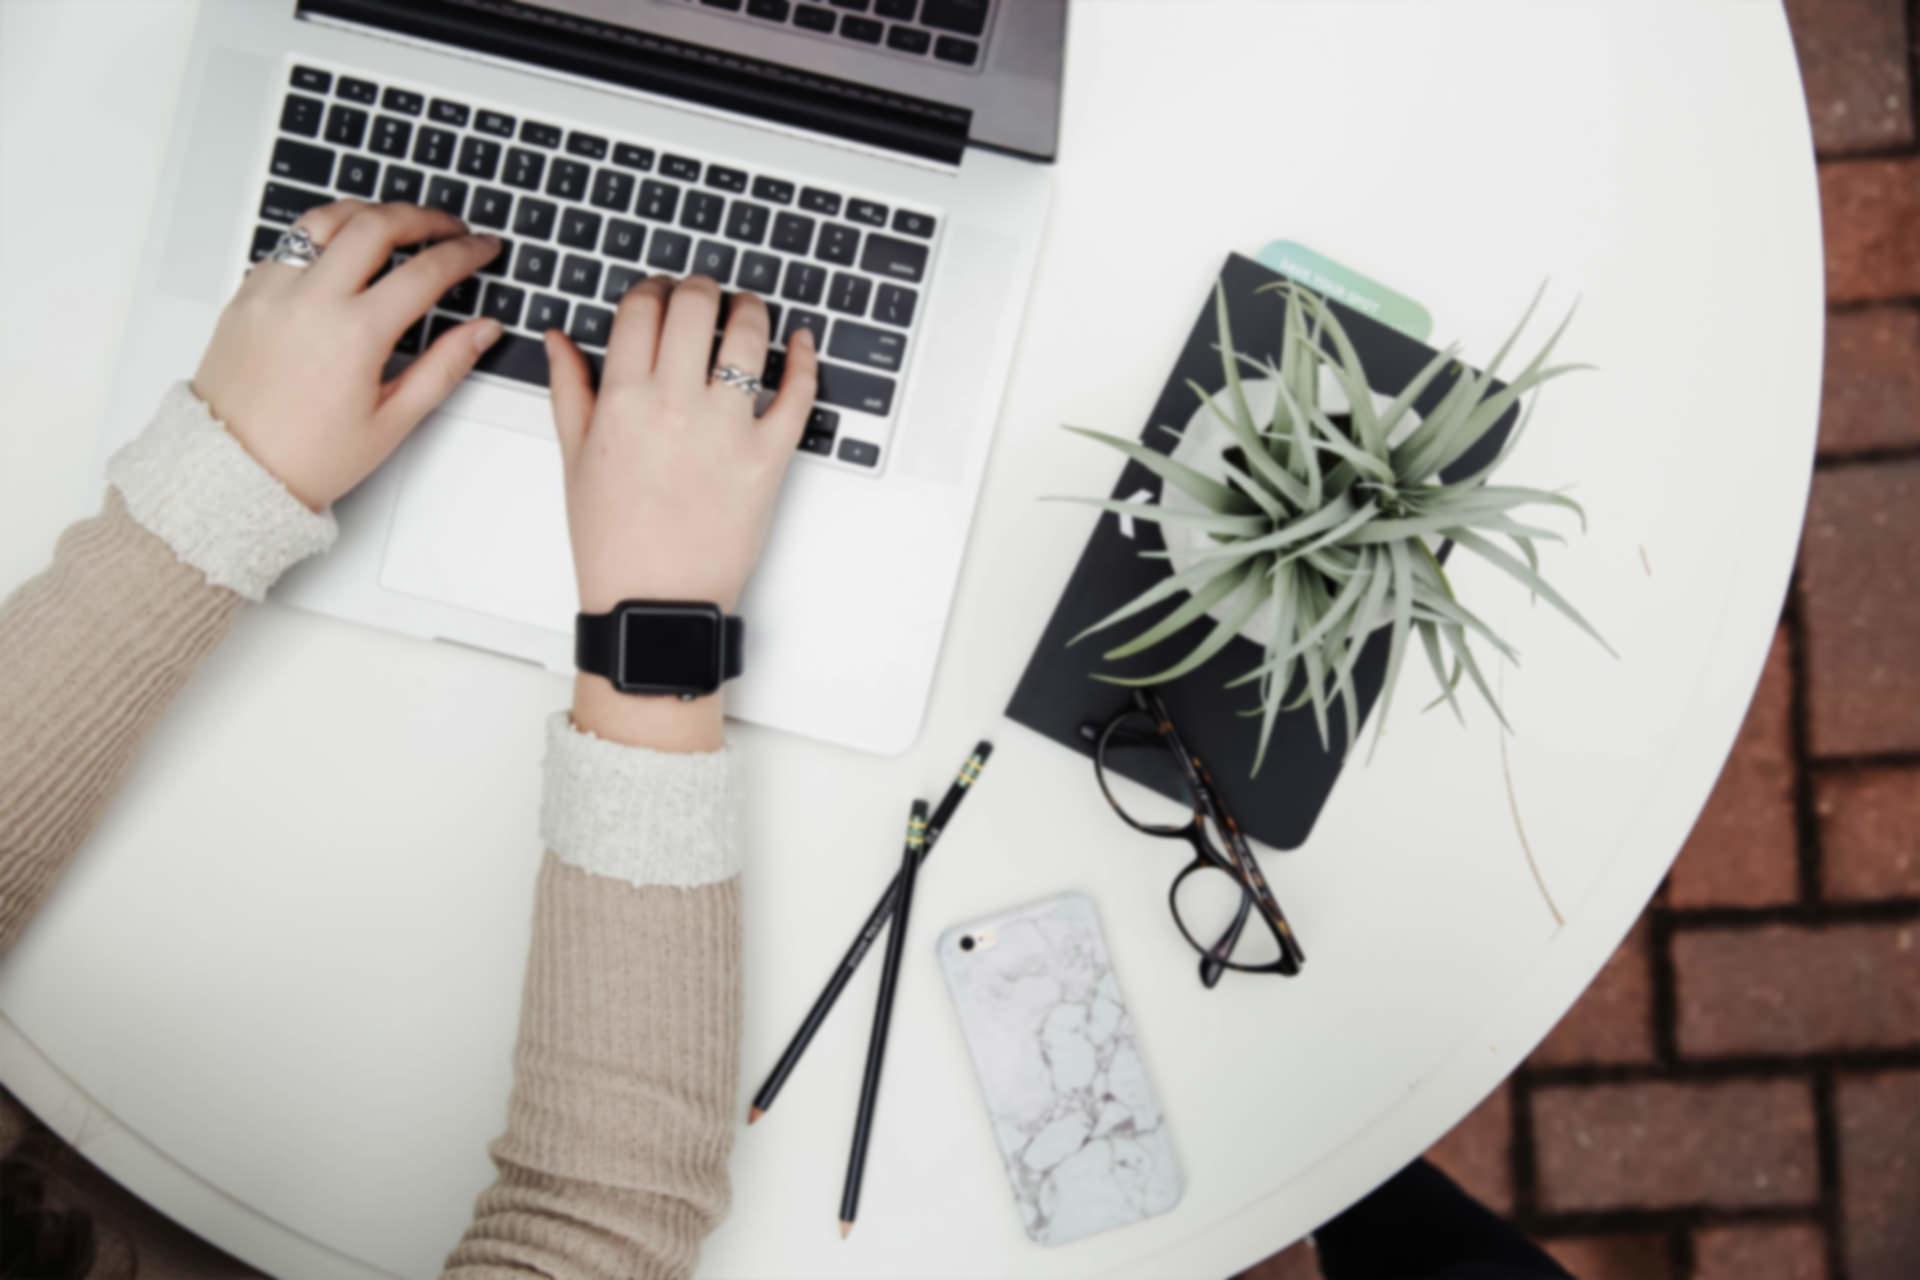 lifestyle linkedin design content creatie video videografie foto fotografie 4K bedrijven bedrijfsvideo bedrijfsfoto promotie- RSDesigns